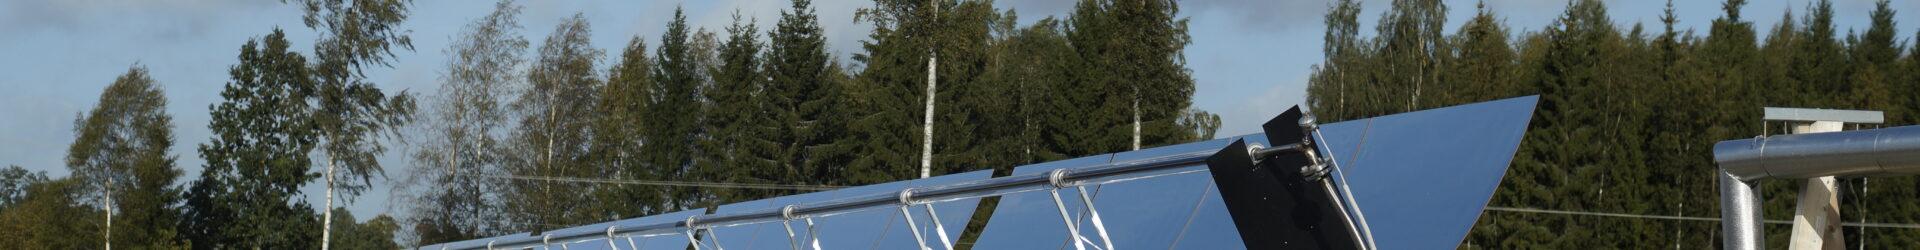 ETC solpark med växthus